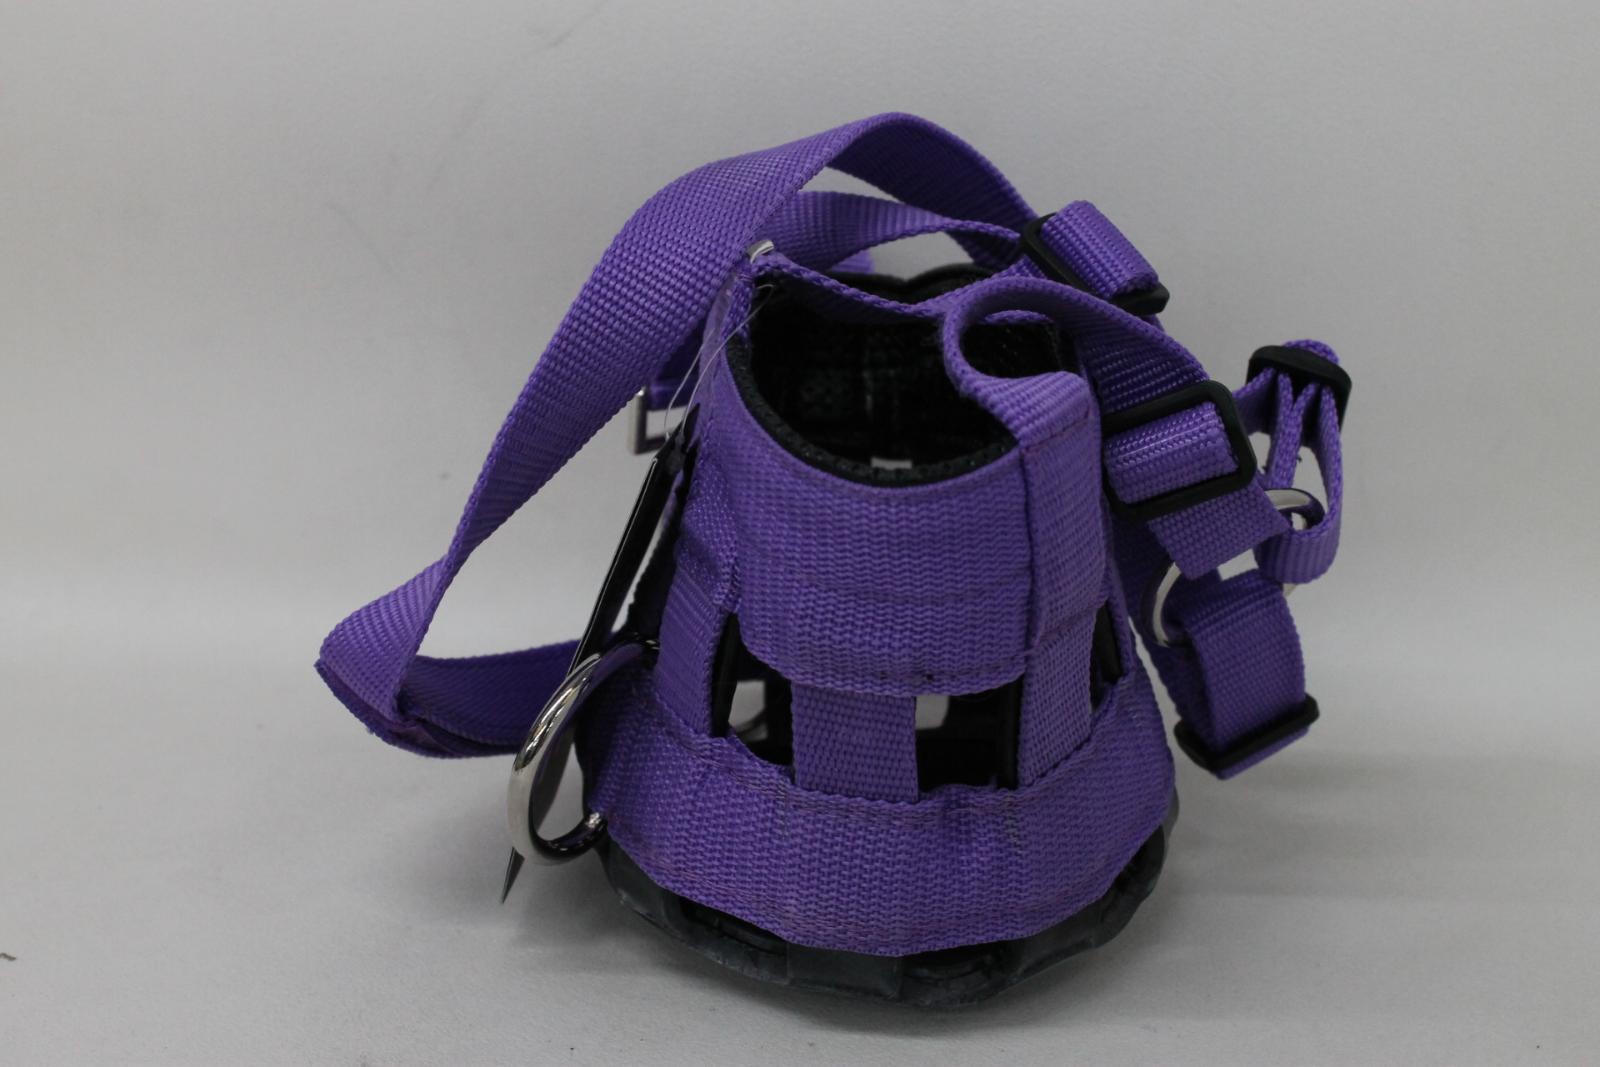 Nouveau-HY-Violet-Poney-Taille-Nylon-cheval-paturage-museau-Bandeau-Masque-code-0643 miniature 10